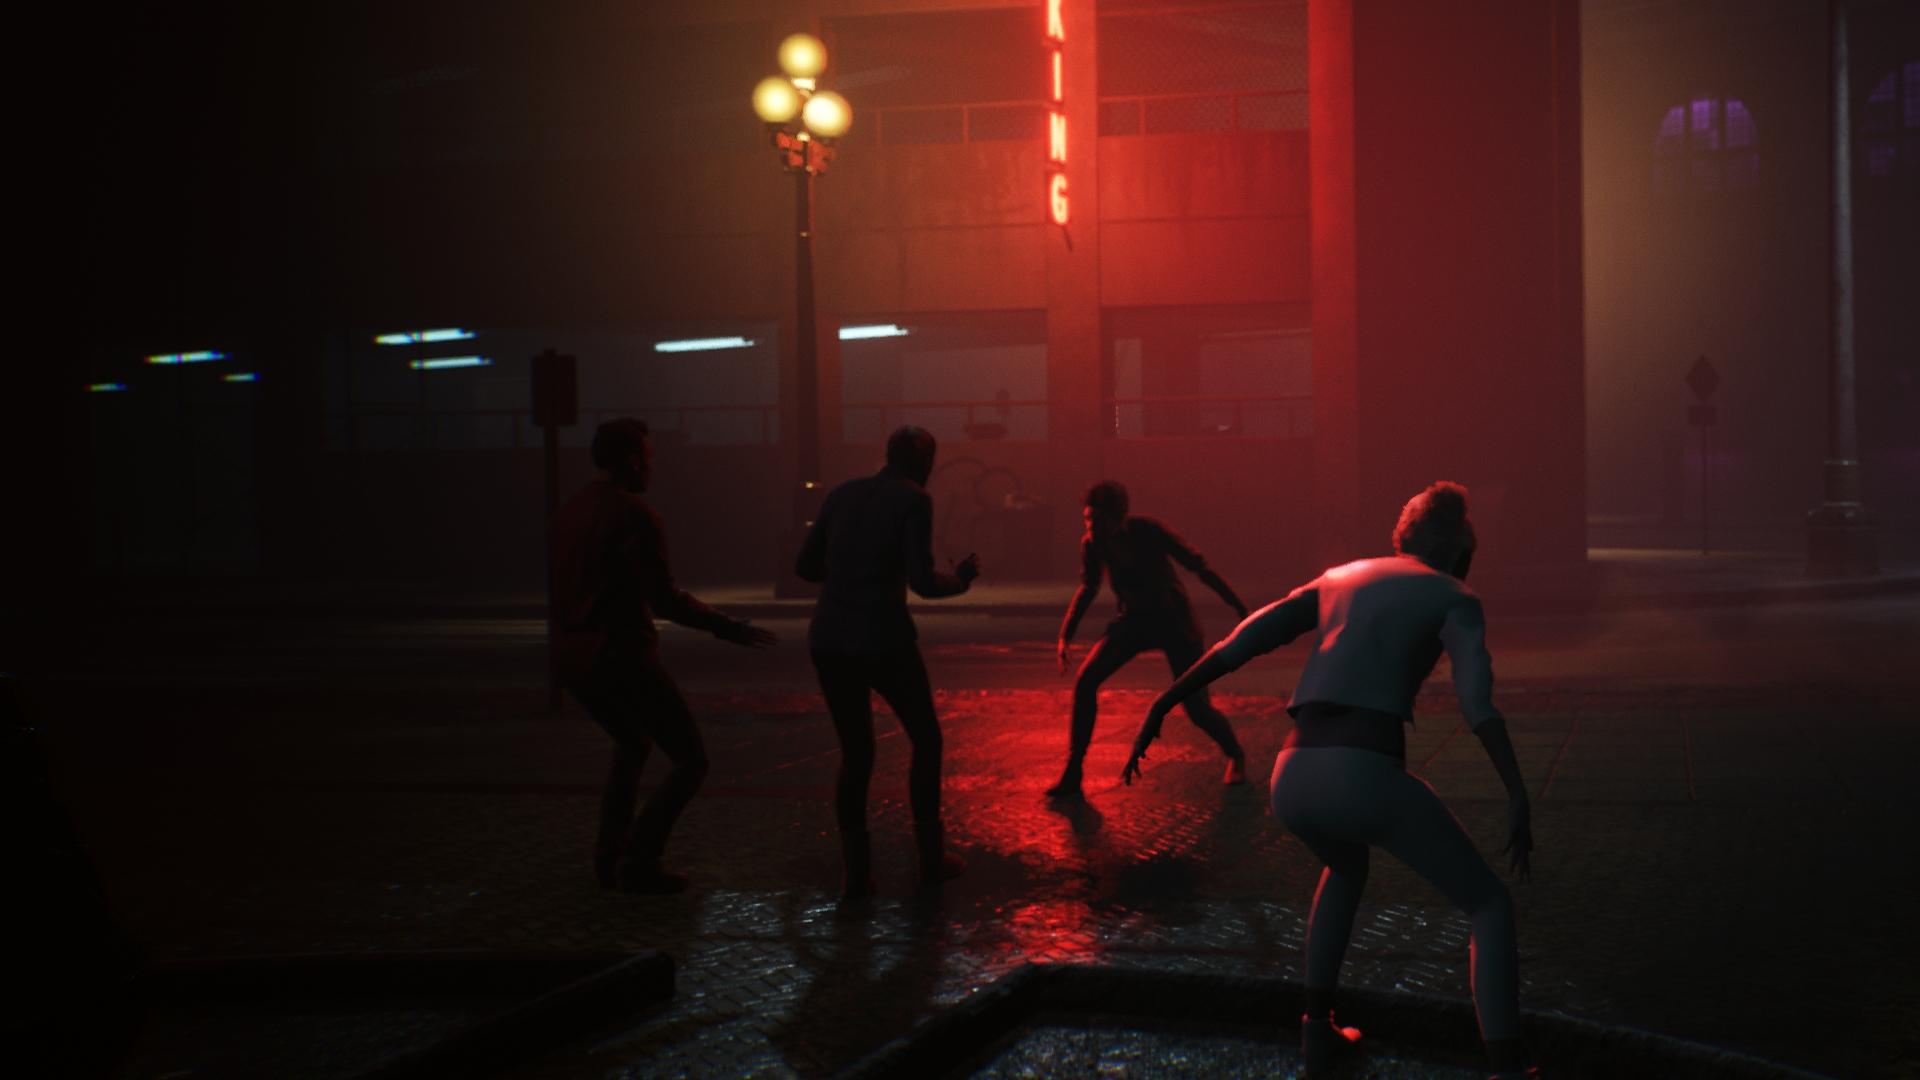 """《吸血鬼:避世血族2》新情报 """"挣扎""""是游戏主题"""